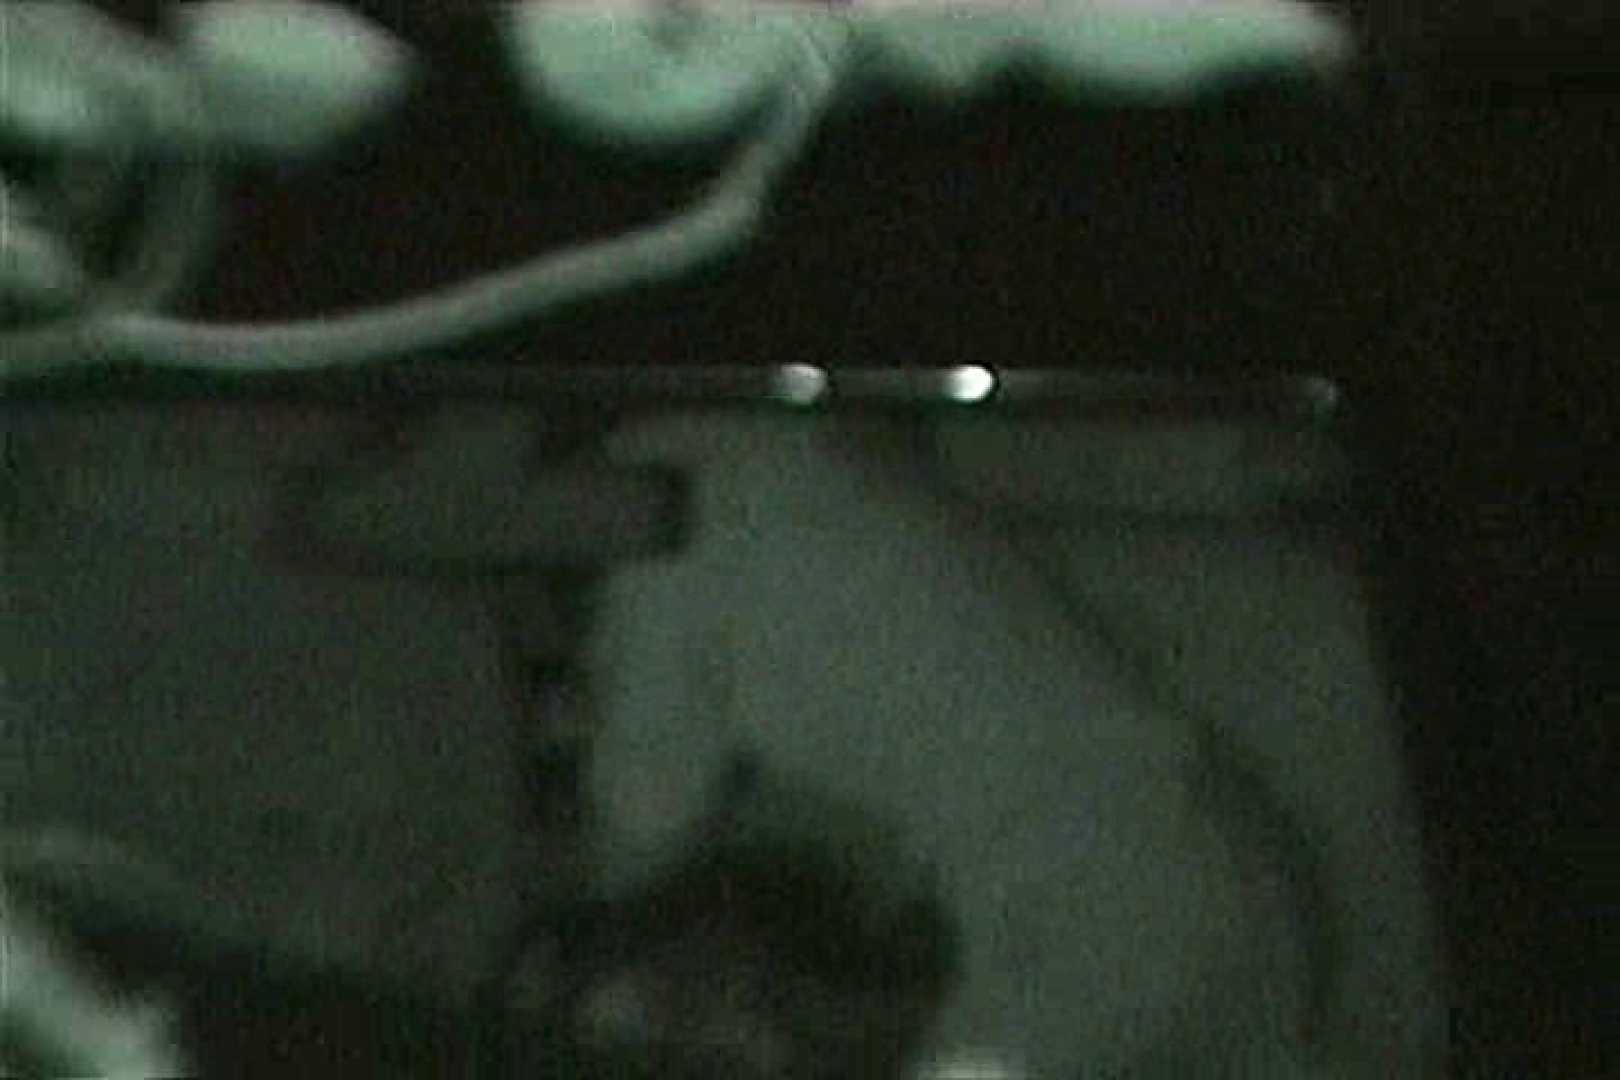 車の中はラブホテル 無修正版  Vol.8 望遠 のぞき動画画像 102PIX 13